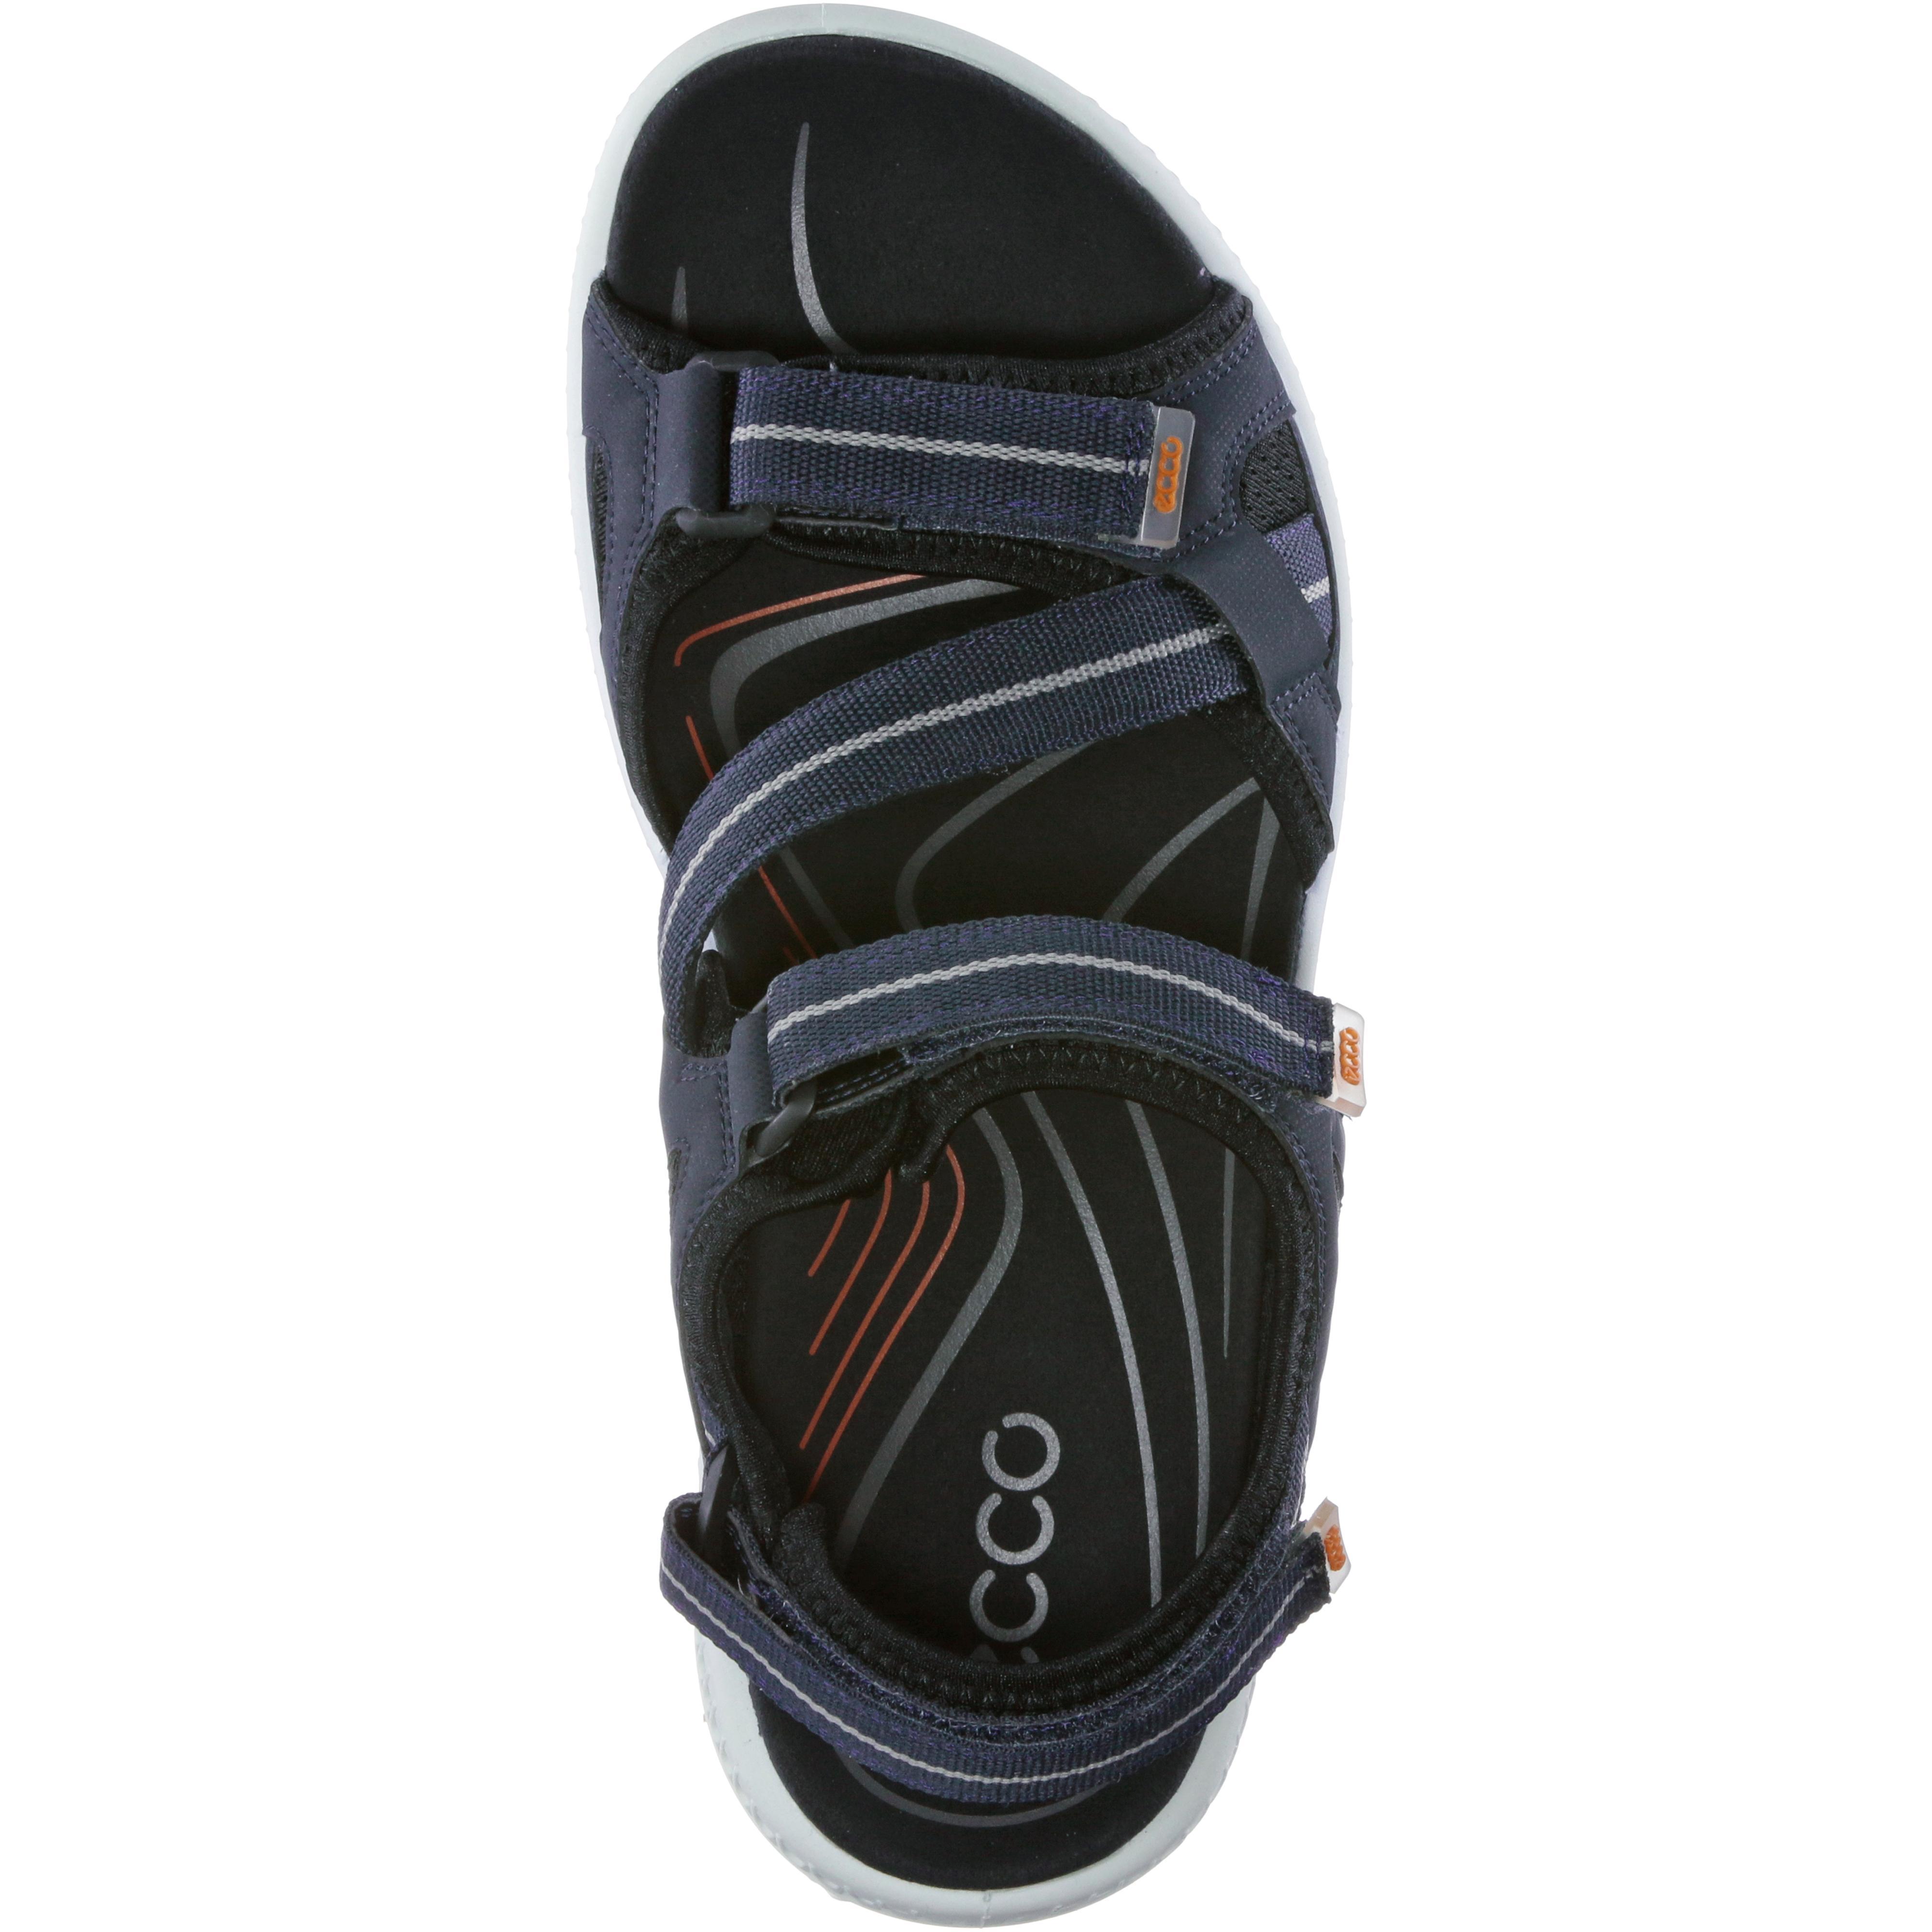 ECCO Terra Sandal Outdoorsandalen Herren true navy-orange im im im Online Shop von SportScheck kaufen Gute Qualität beliebte Schuhe a2ab95